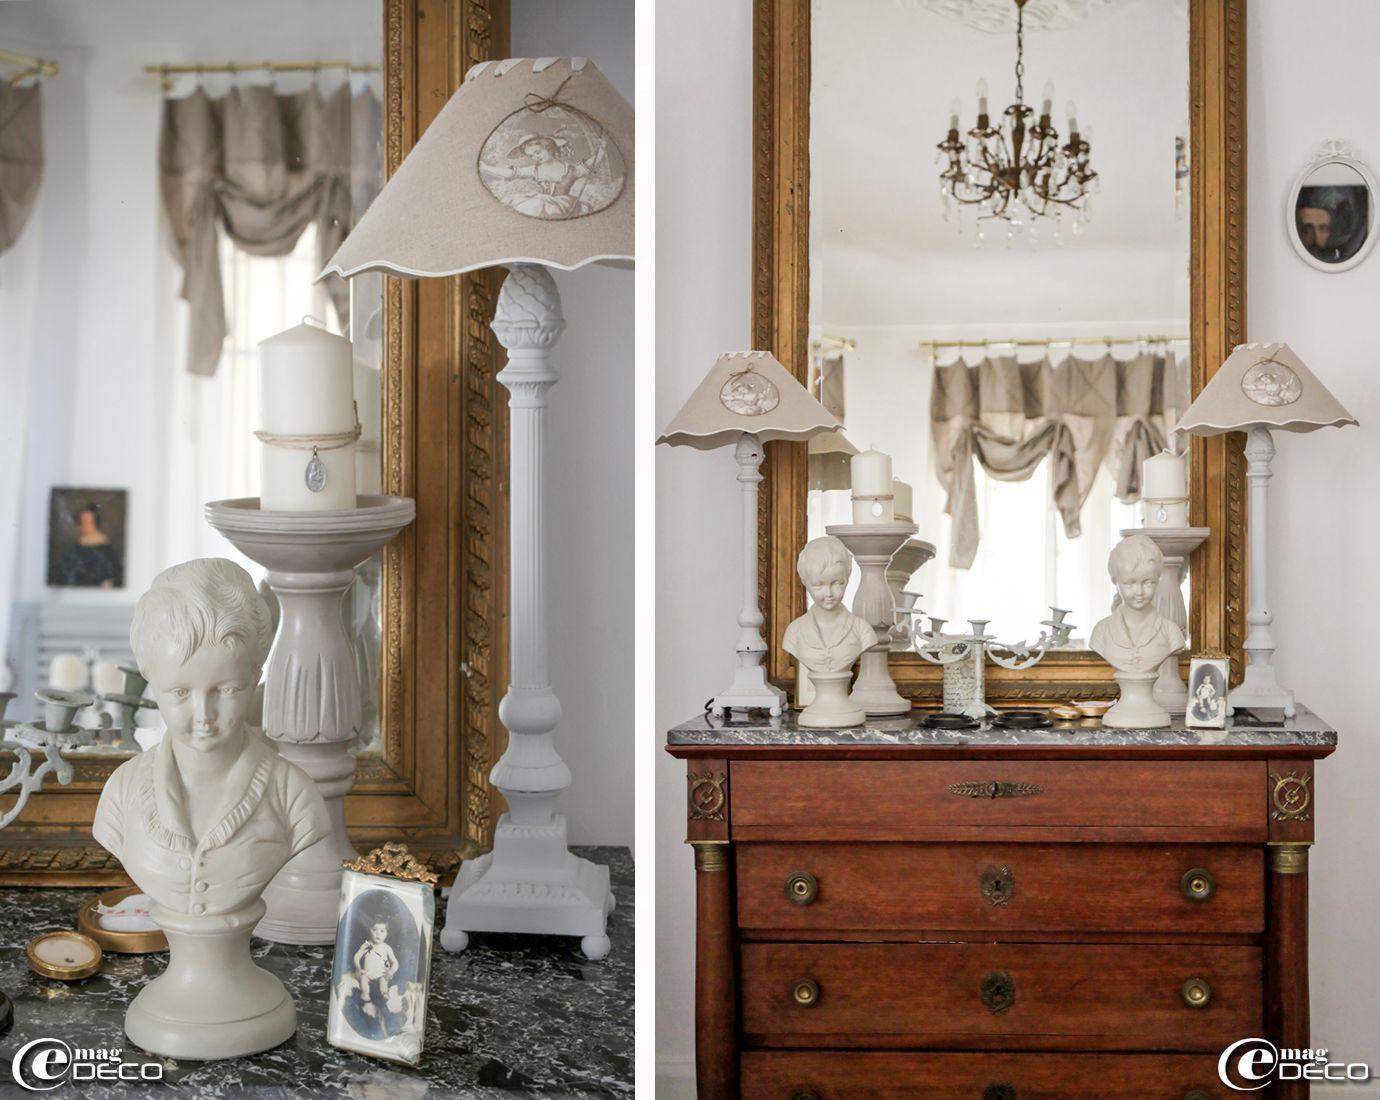 dans une maison n mes commode de famille de style empire bustes en terre cuite chin puis. Black Bedroom Furniture Sets. Home Design Ideas